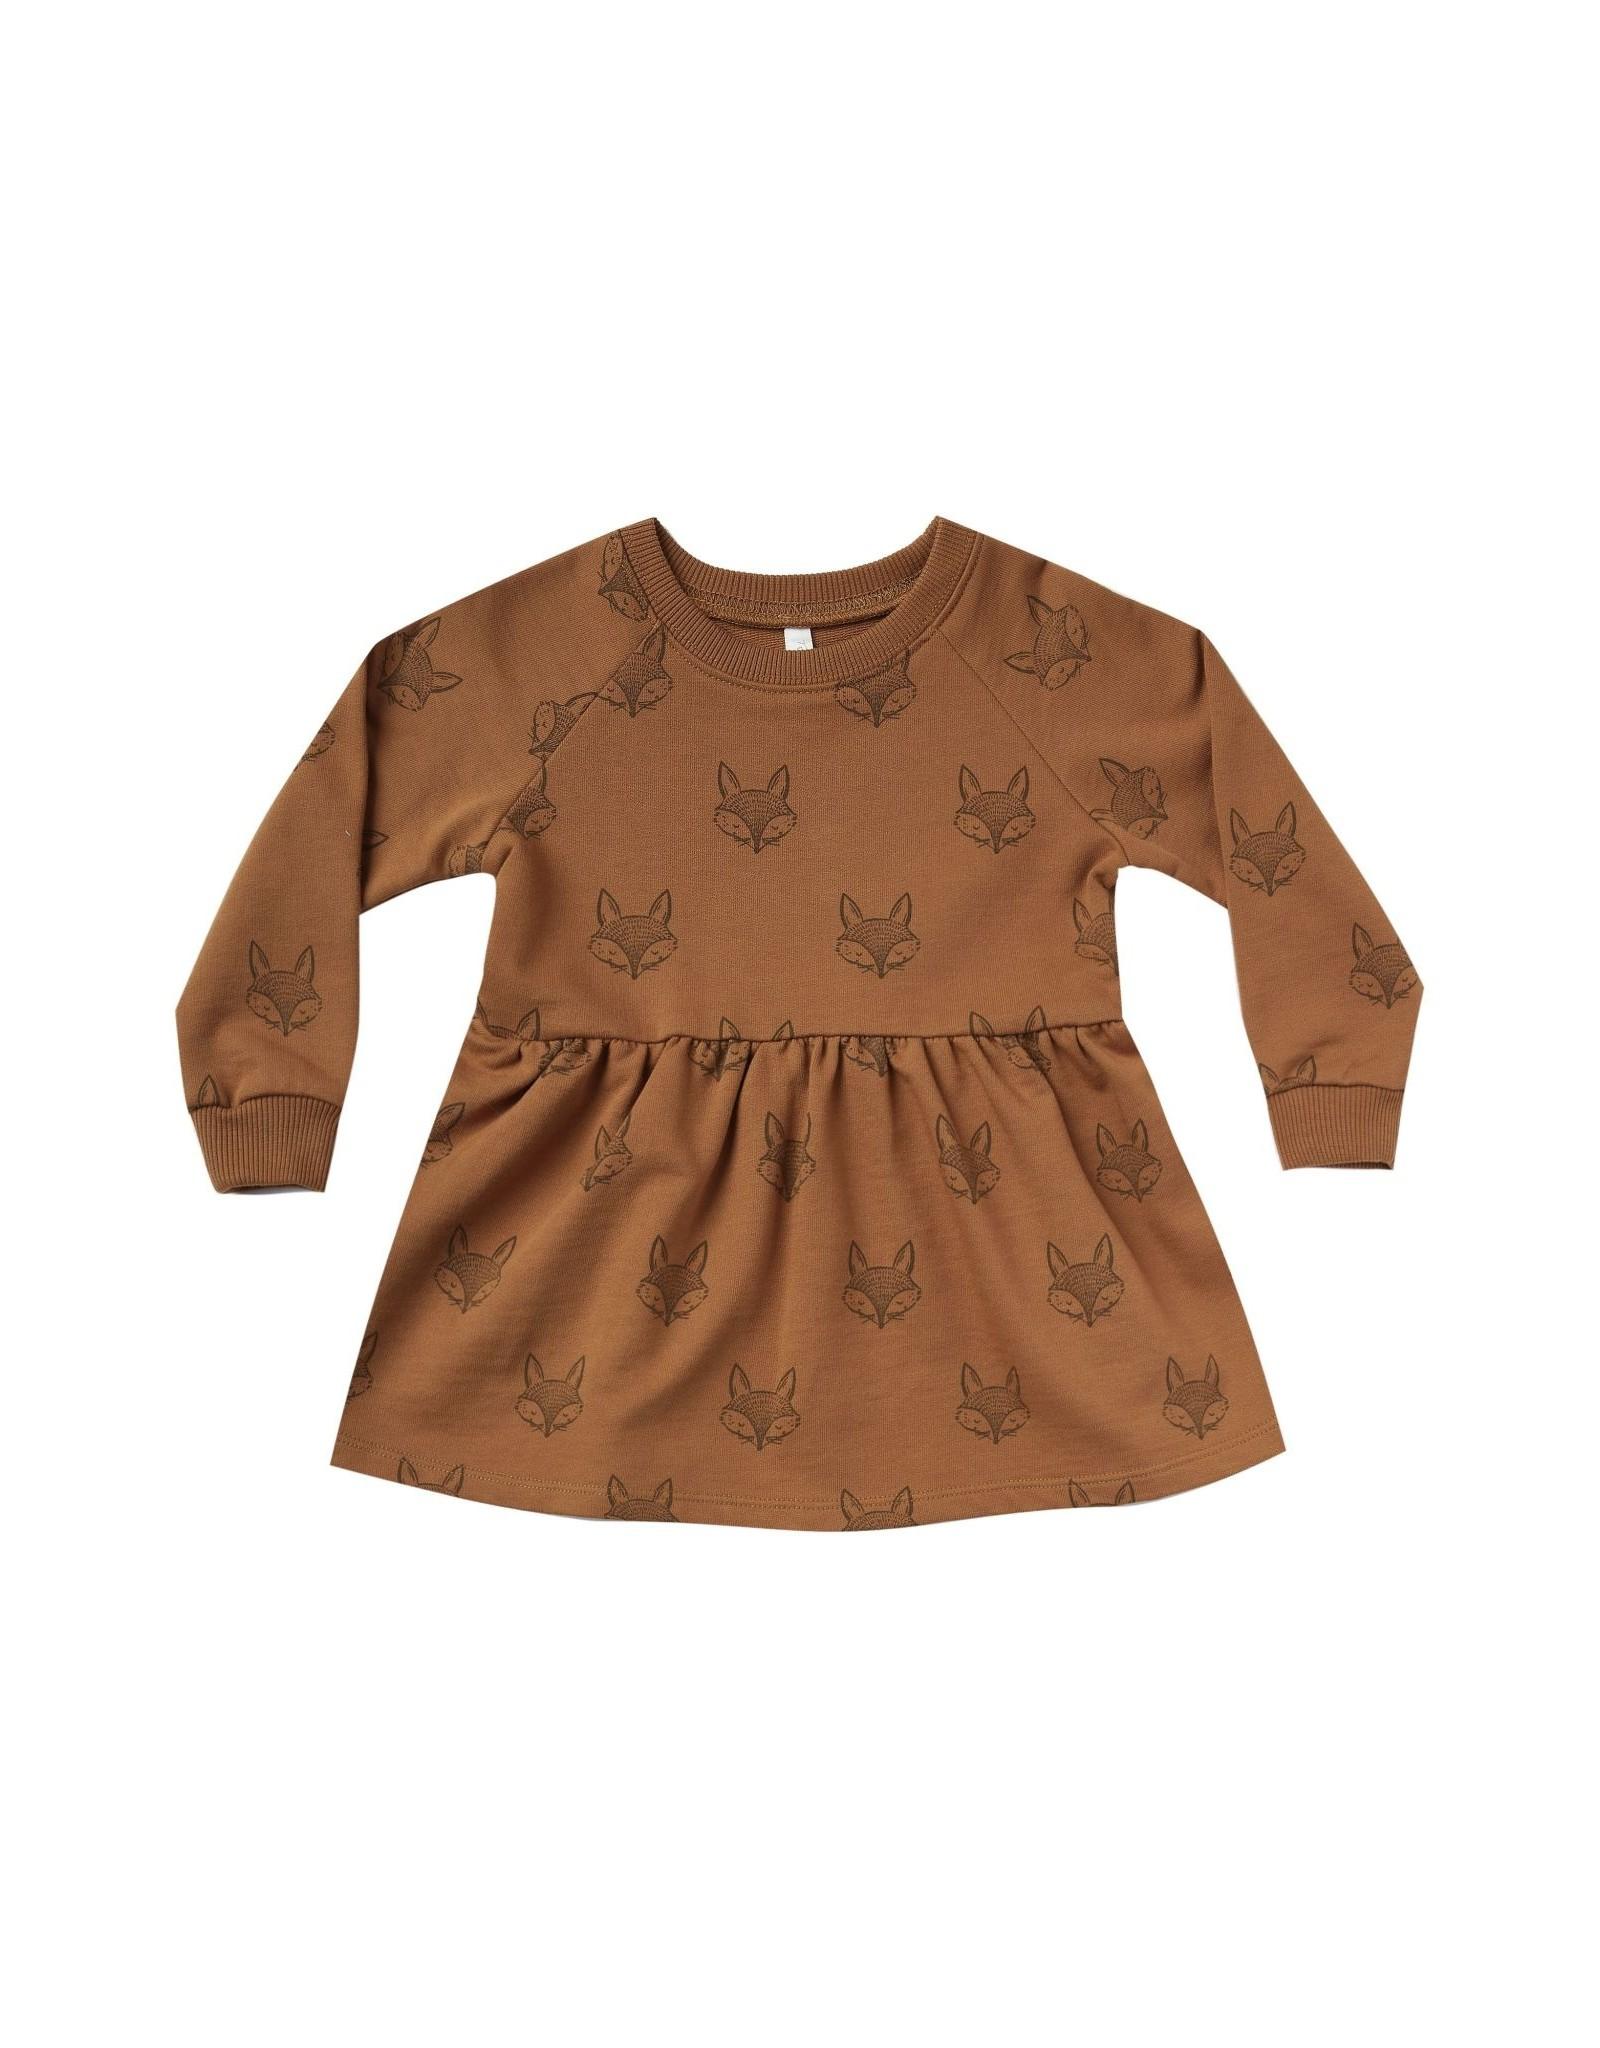 Rylee and Cru fox raglan dress